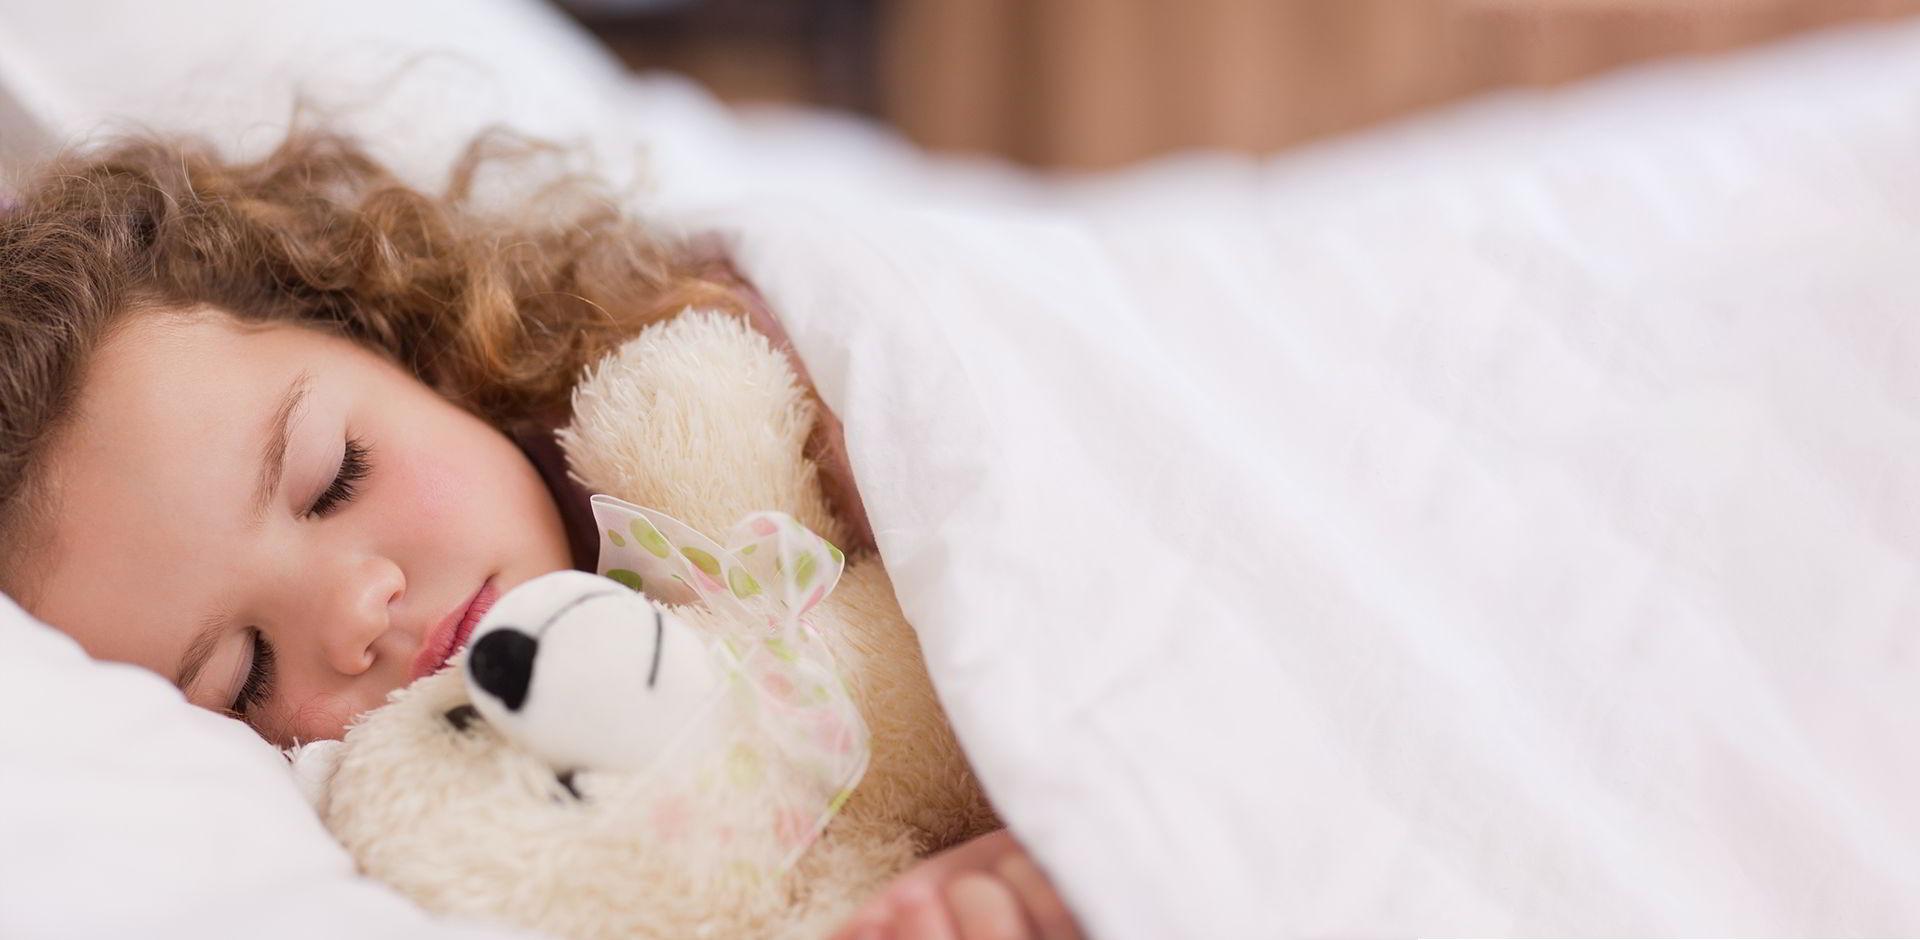 Un enfant qui dort paisiblement dans un lit